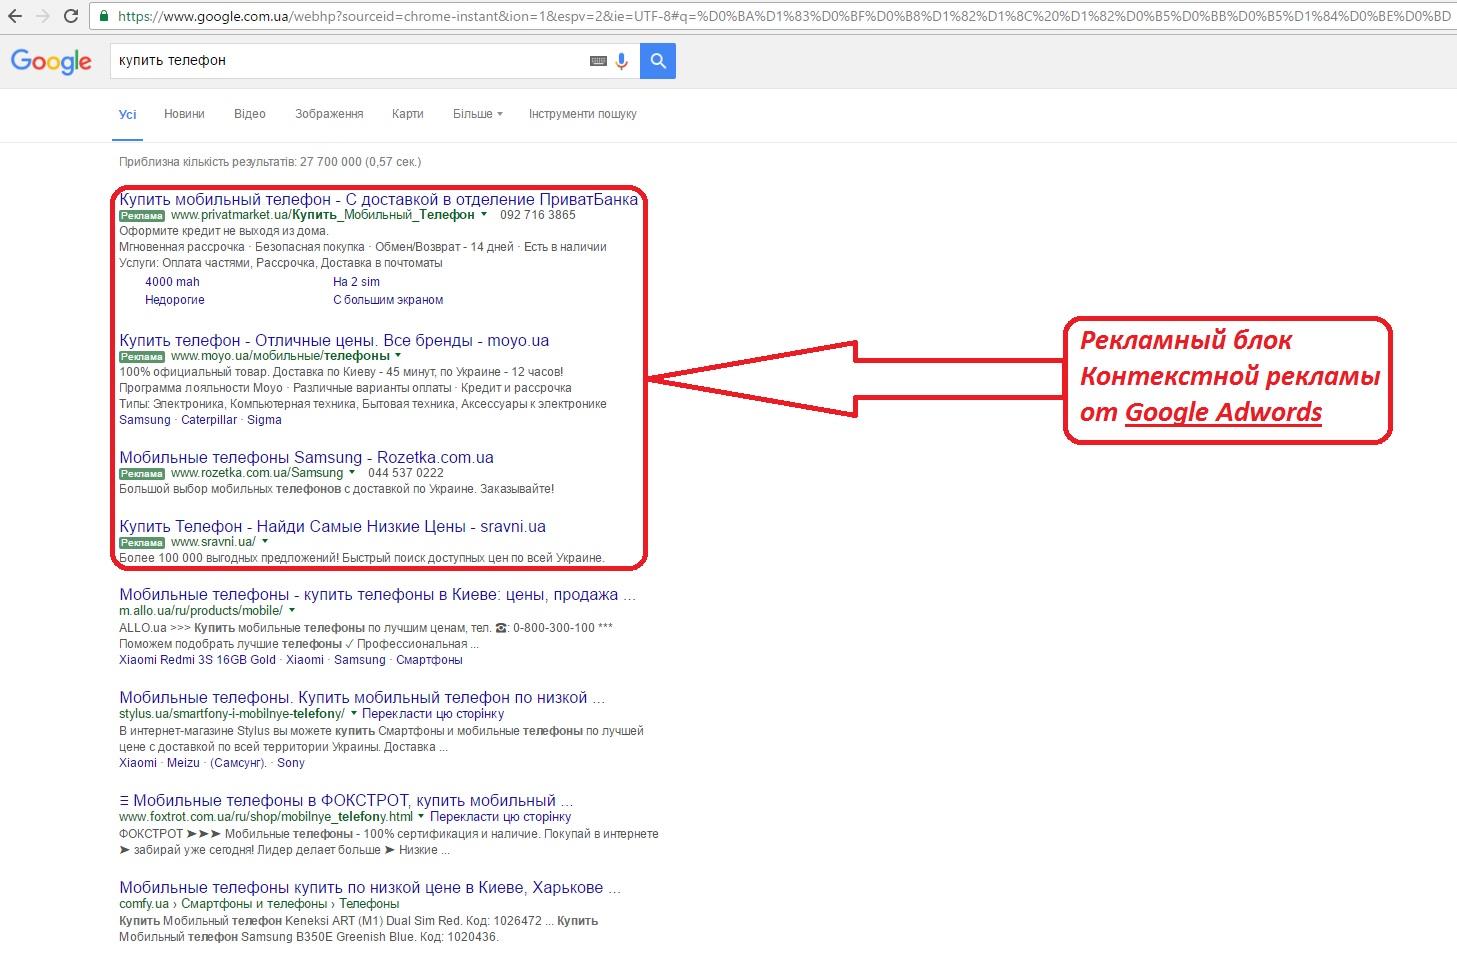 фото контекстная реклама в Google